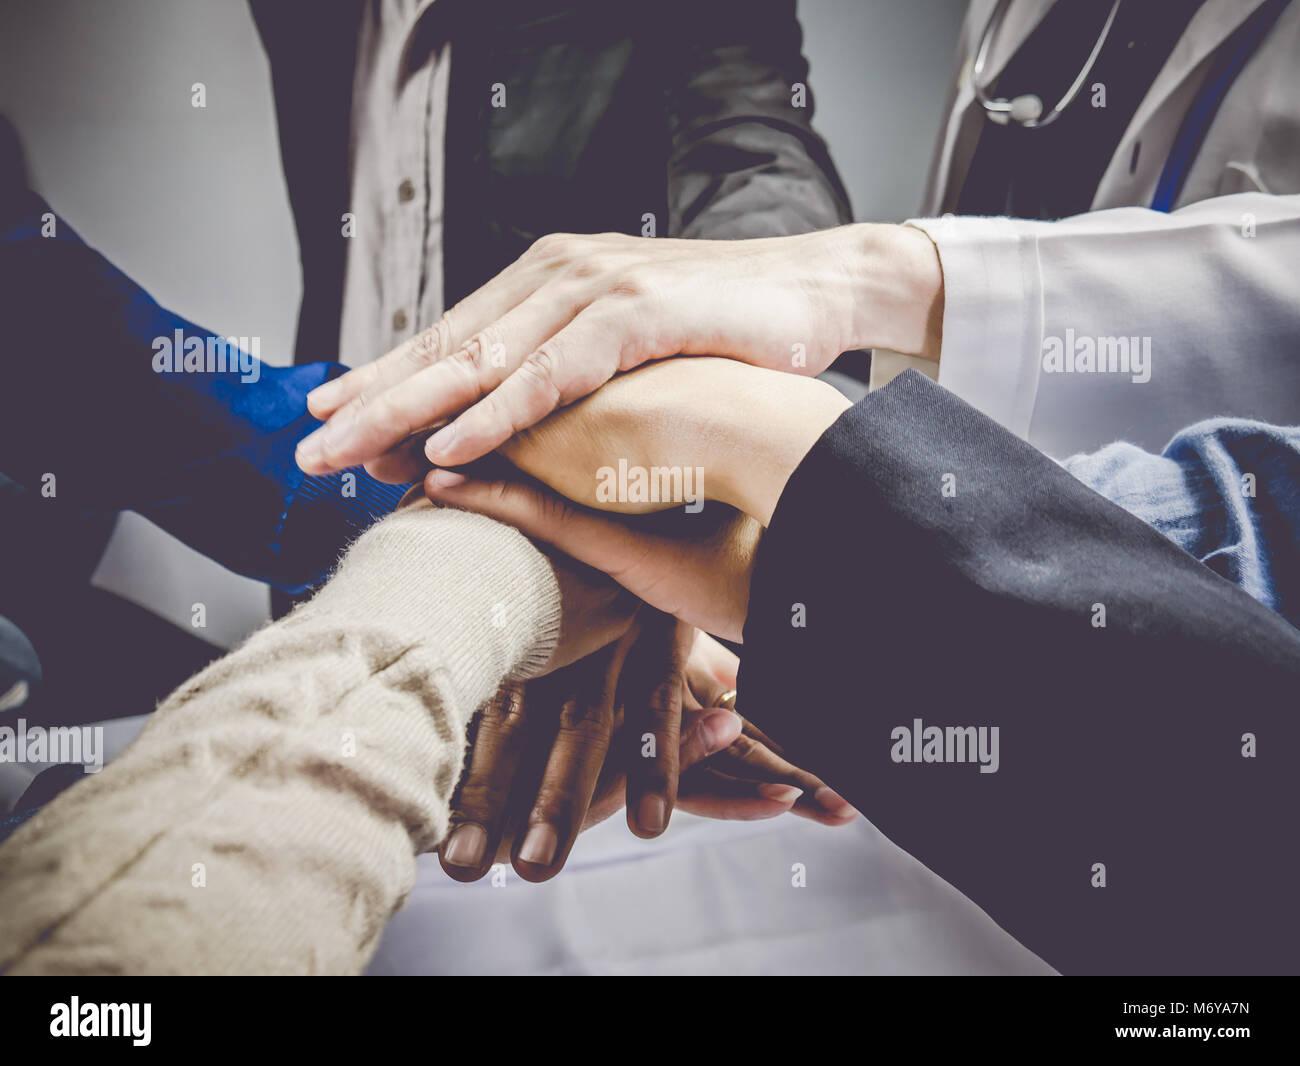 Grupo empresarial con manos juntas.concepto de trabajo en equipo y el concepto de negocio. Imagen De Stock